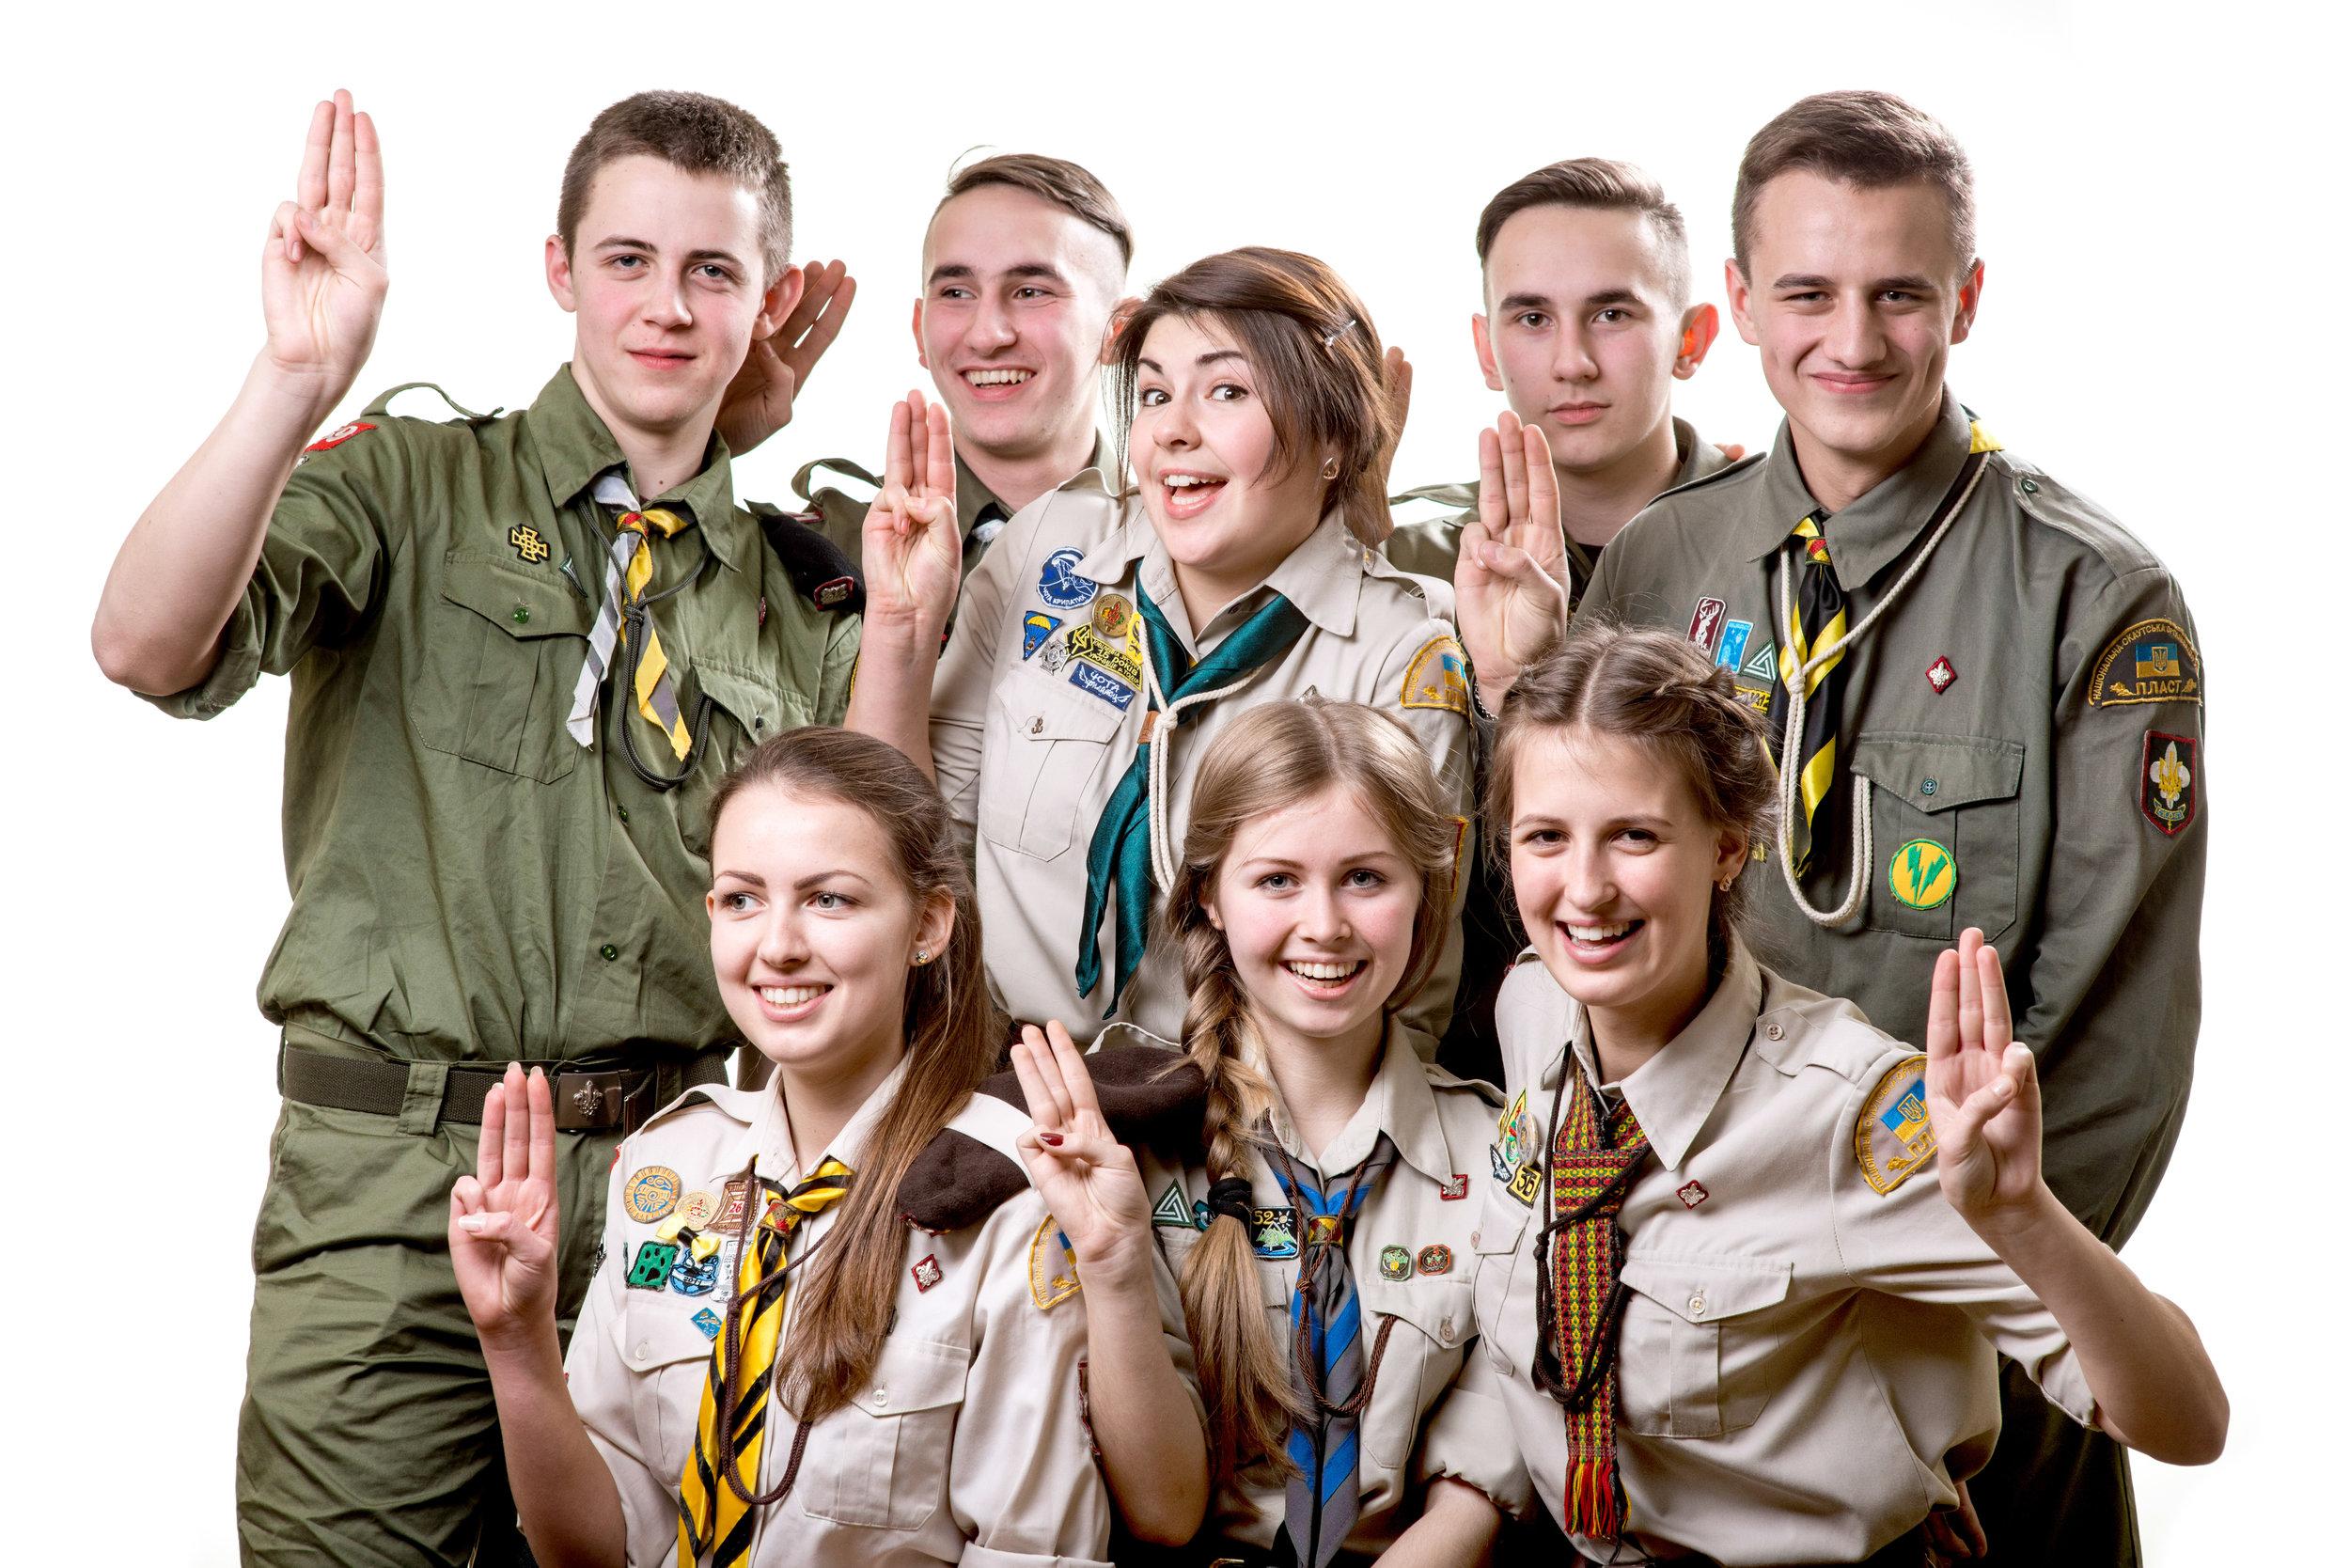 scouts.jpeg